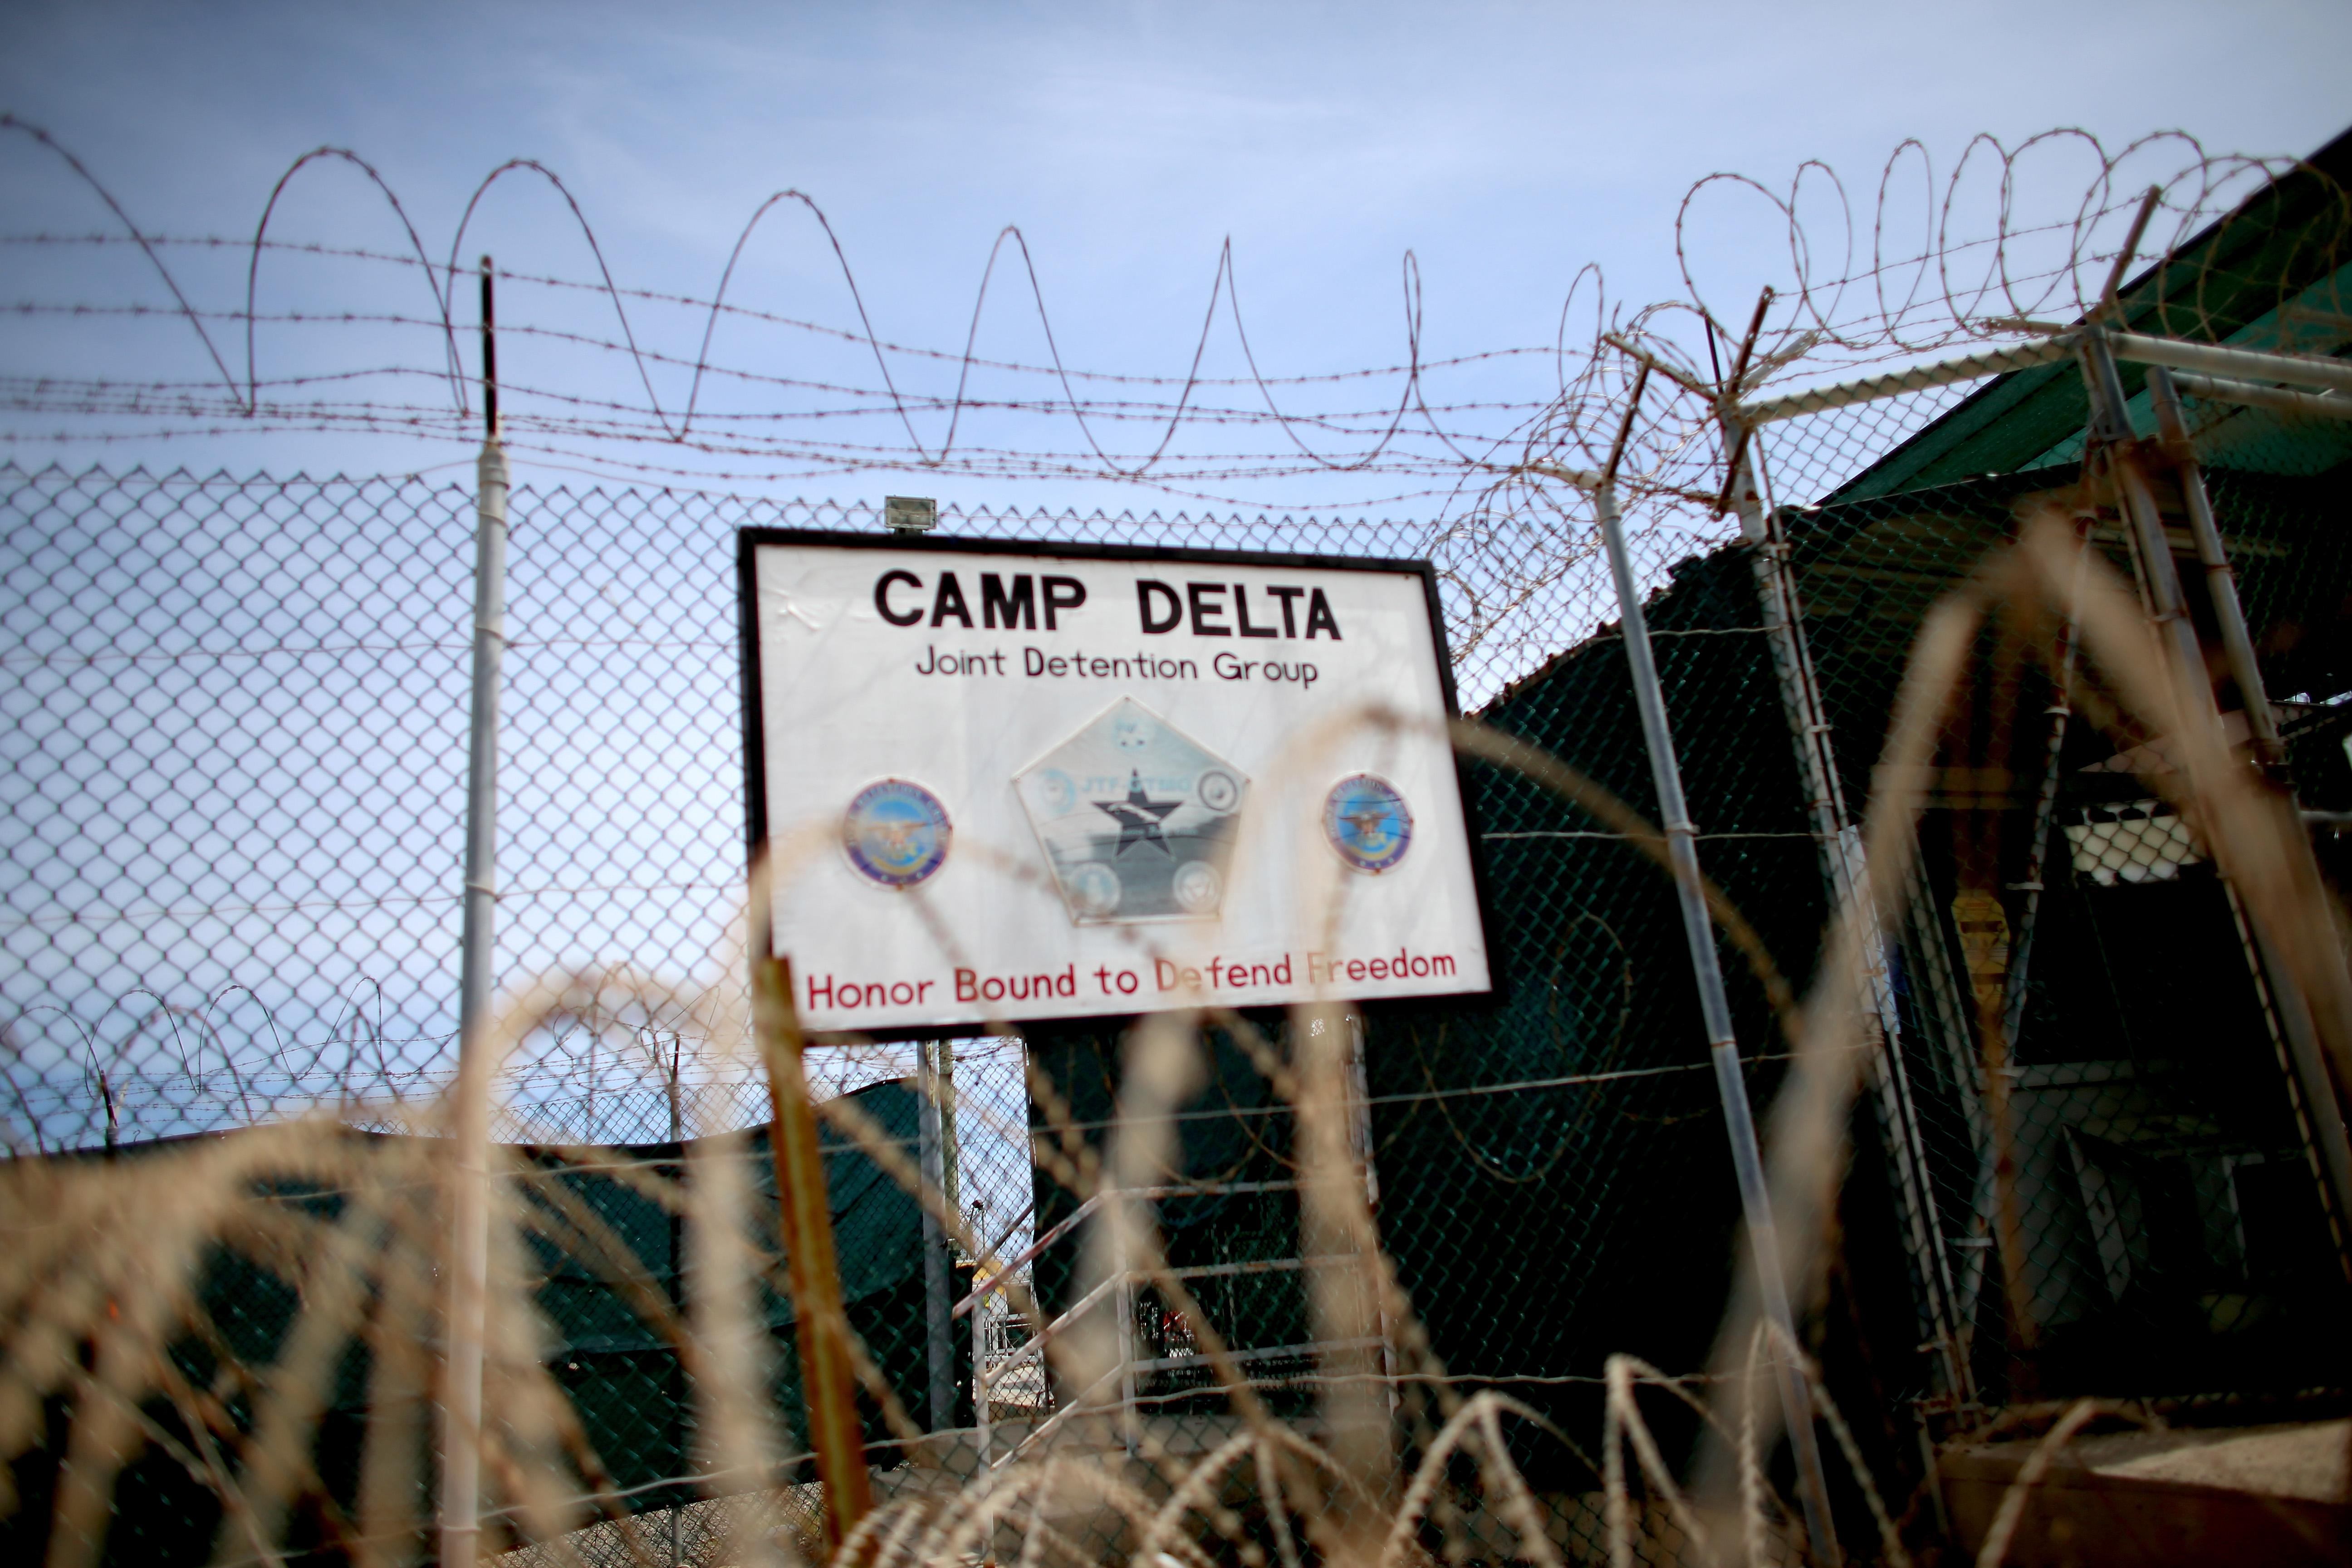 Al Qaeda Detainee Released From Guantanamo